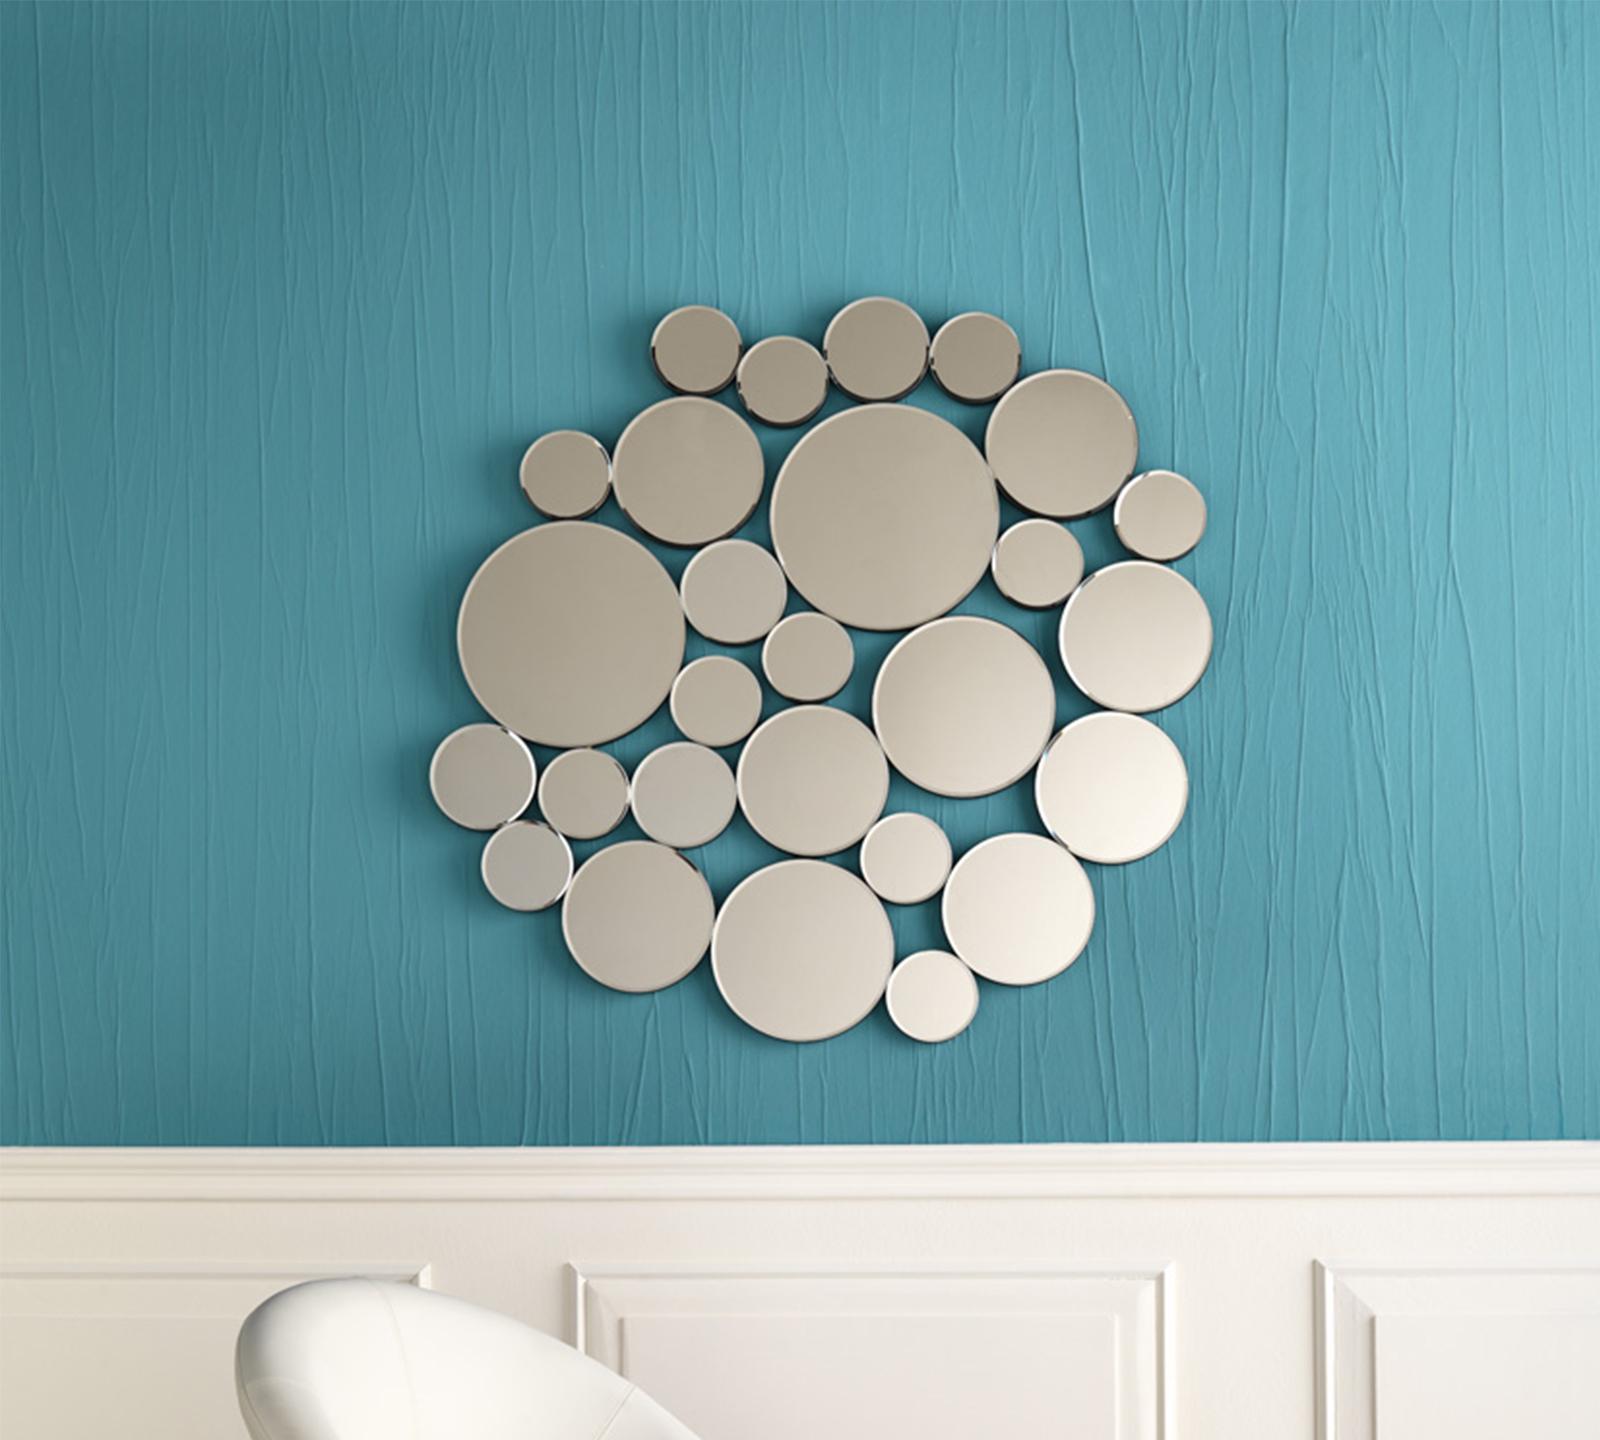 Vendita specchi classici e di design sumisura fabbrica for Specchi arredo camera da letto